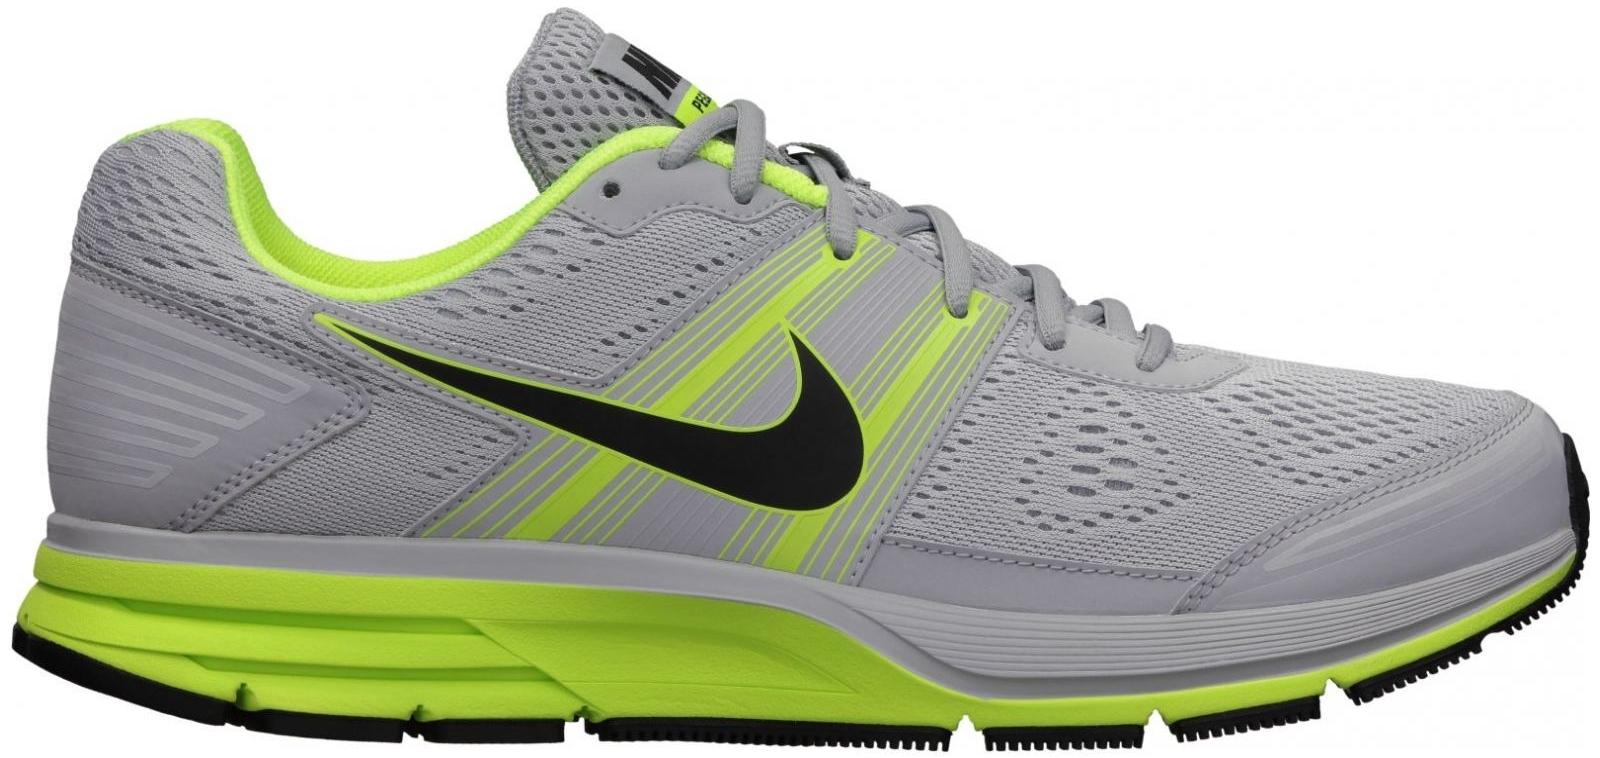 cc0b4bbba313 Nike Air Pegasus + 29 Кроссовки для бега мужские - купить в интернет ...